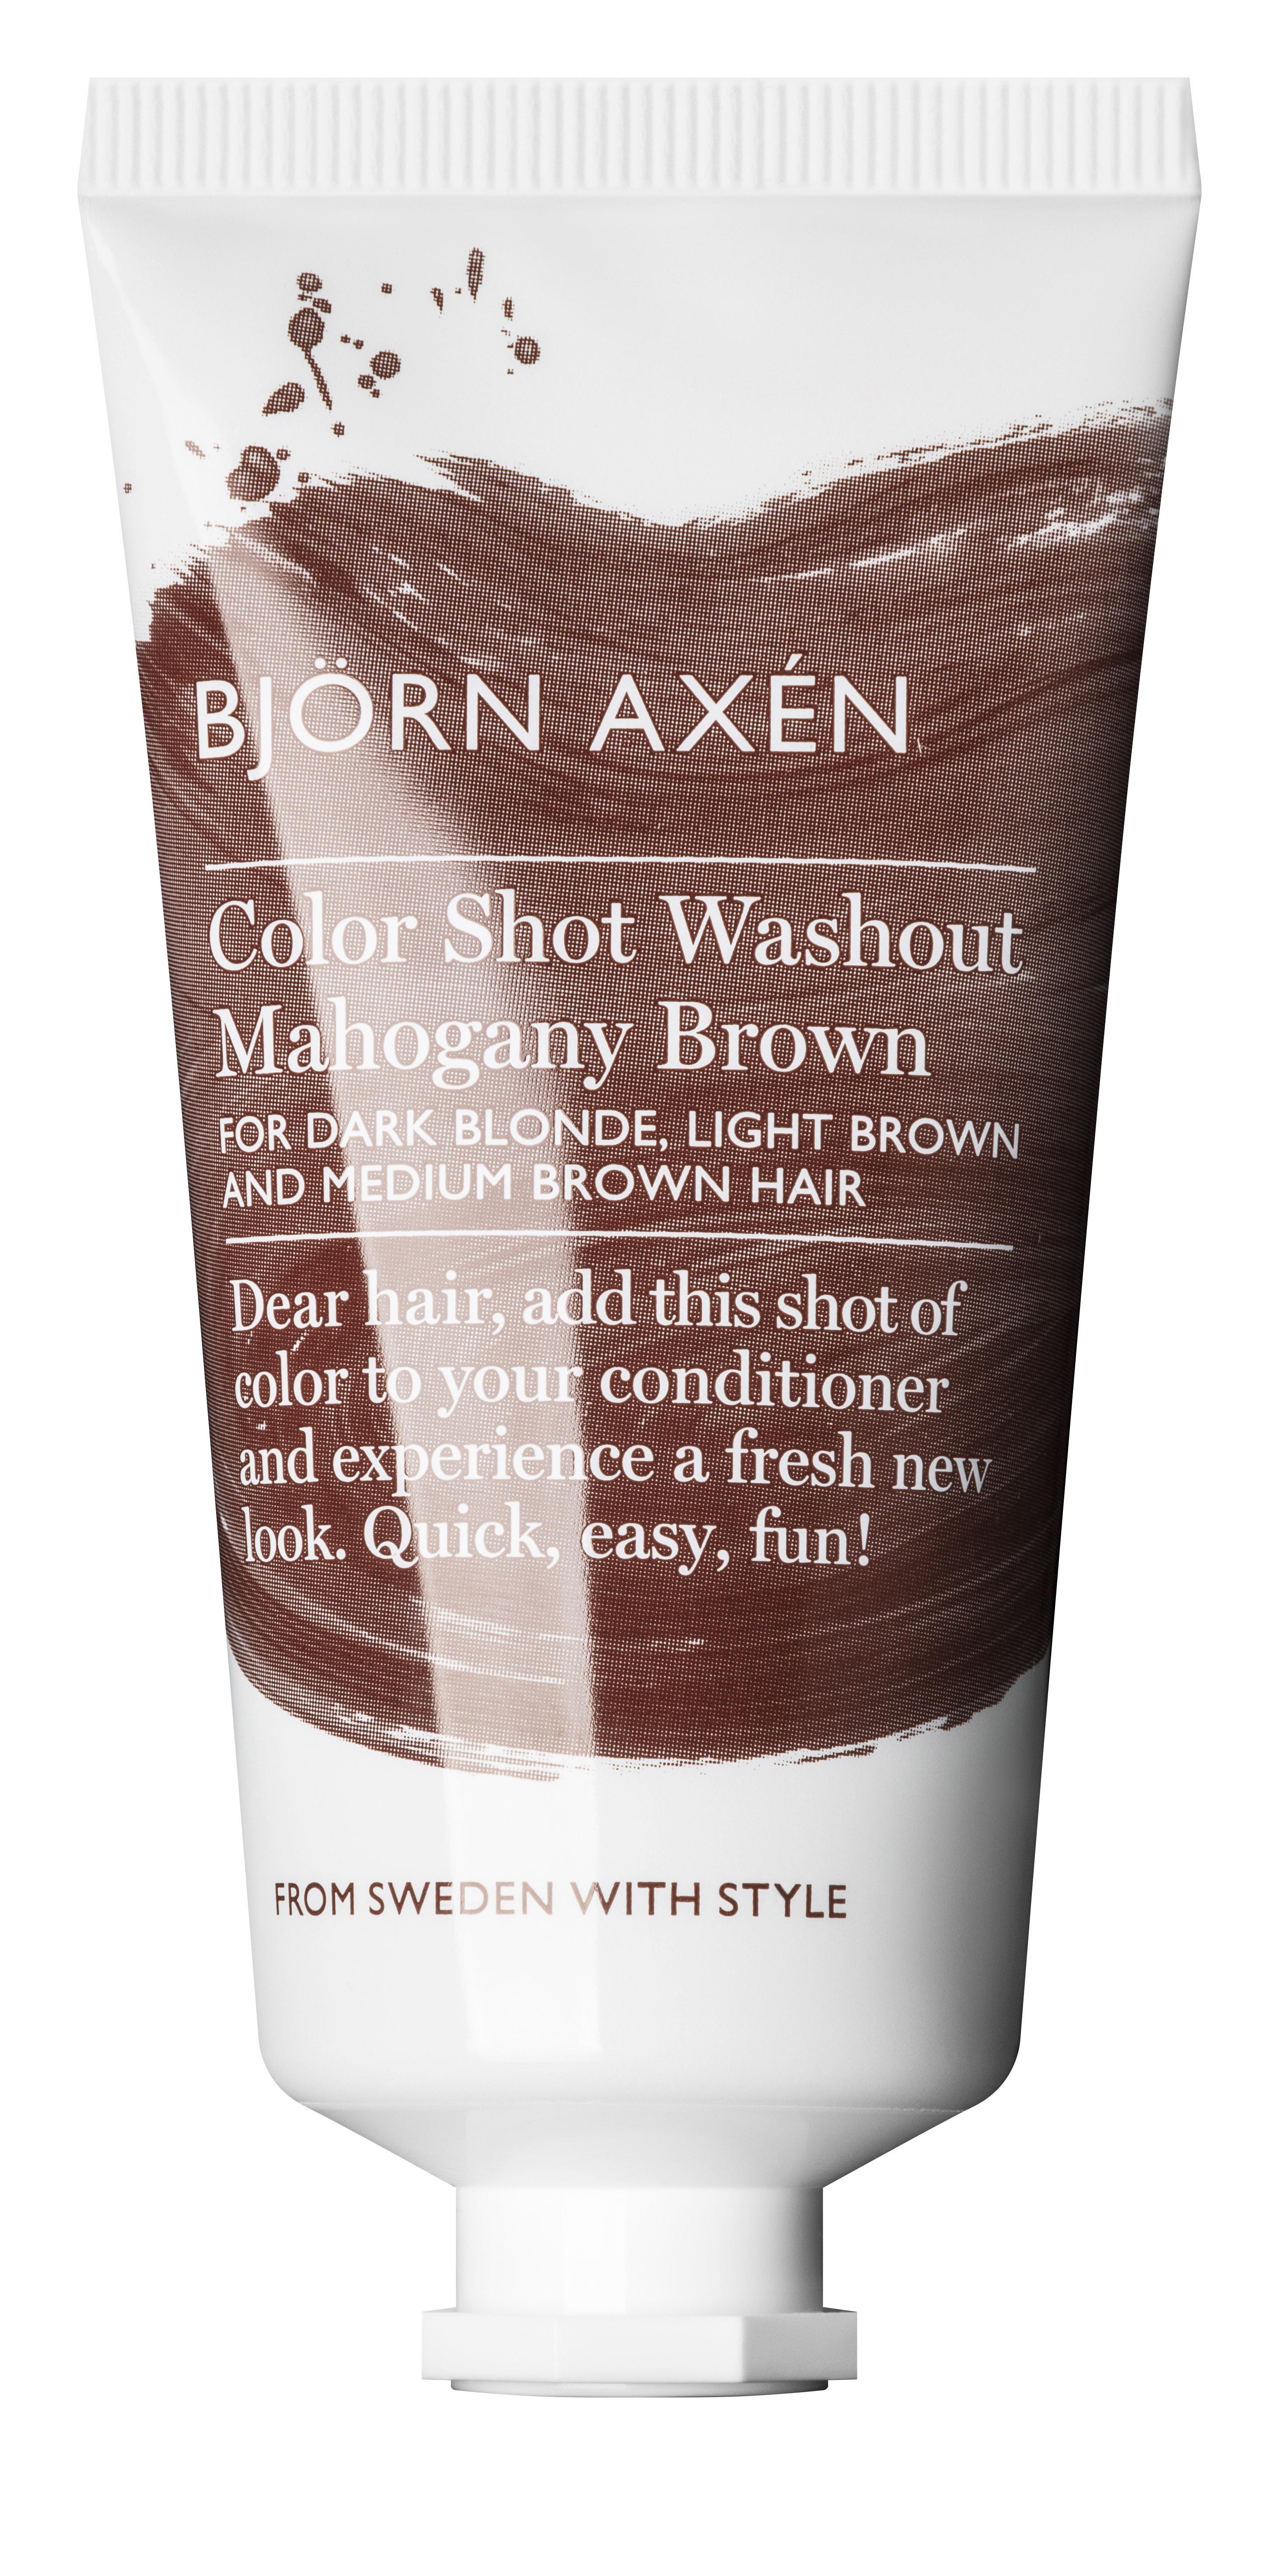 hårfärg på sprayburk